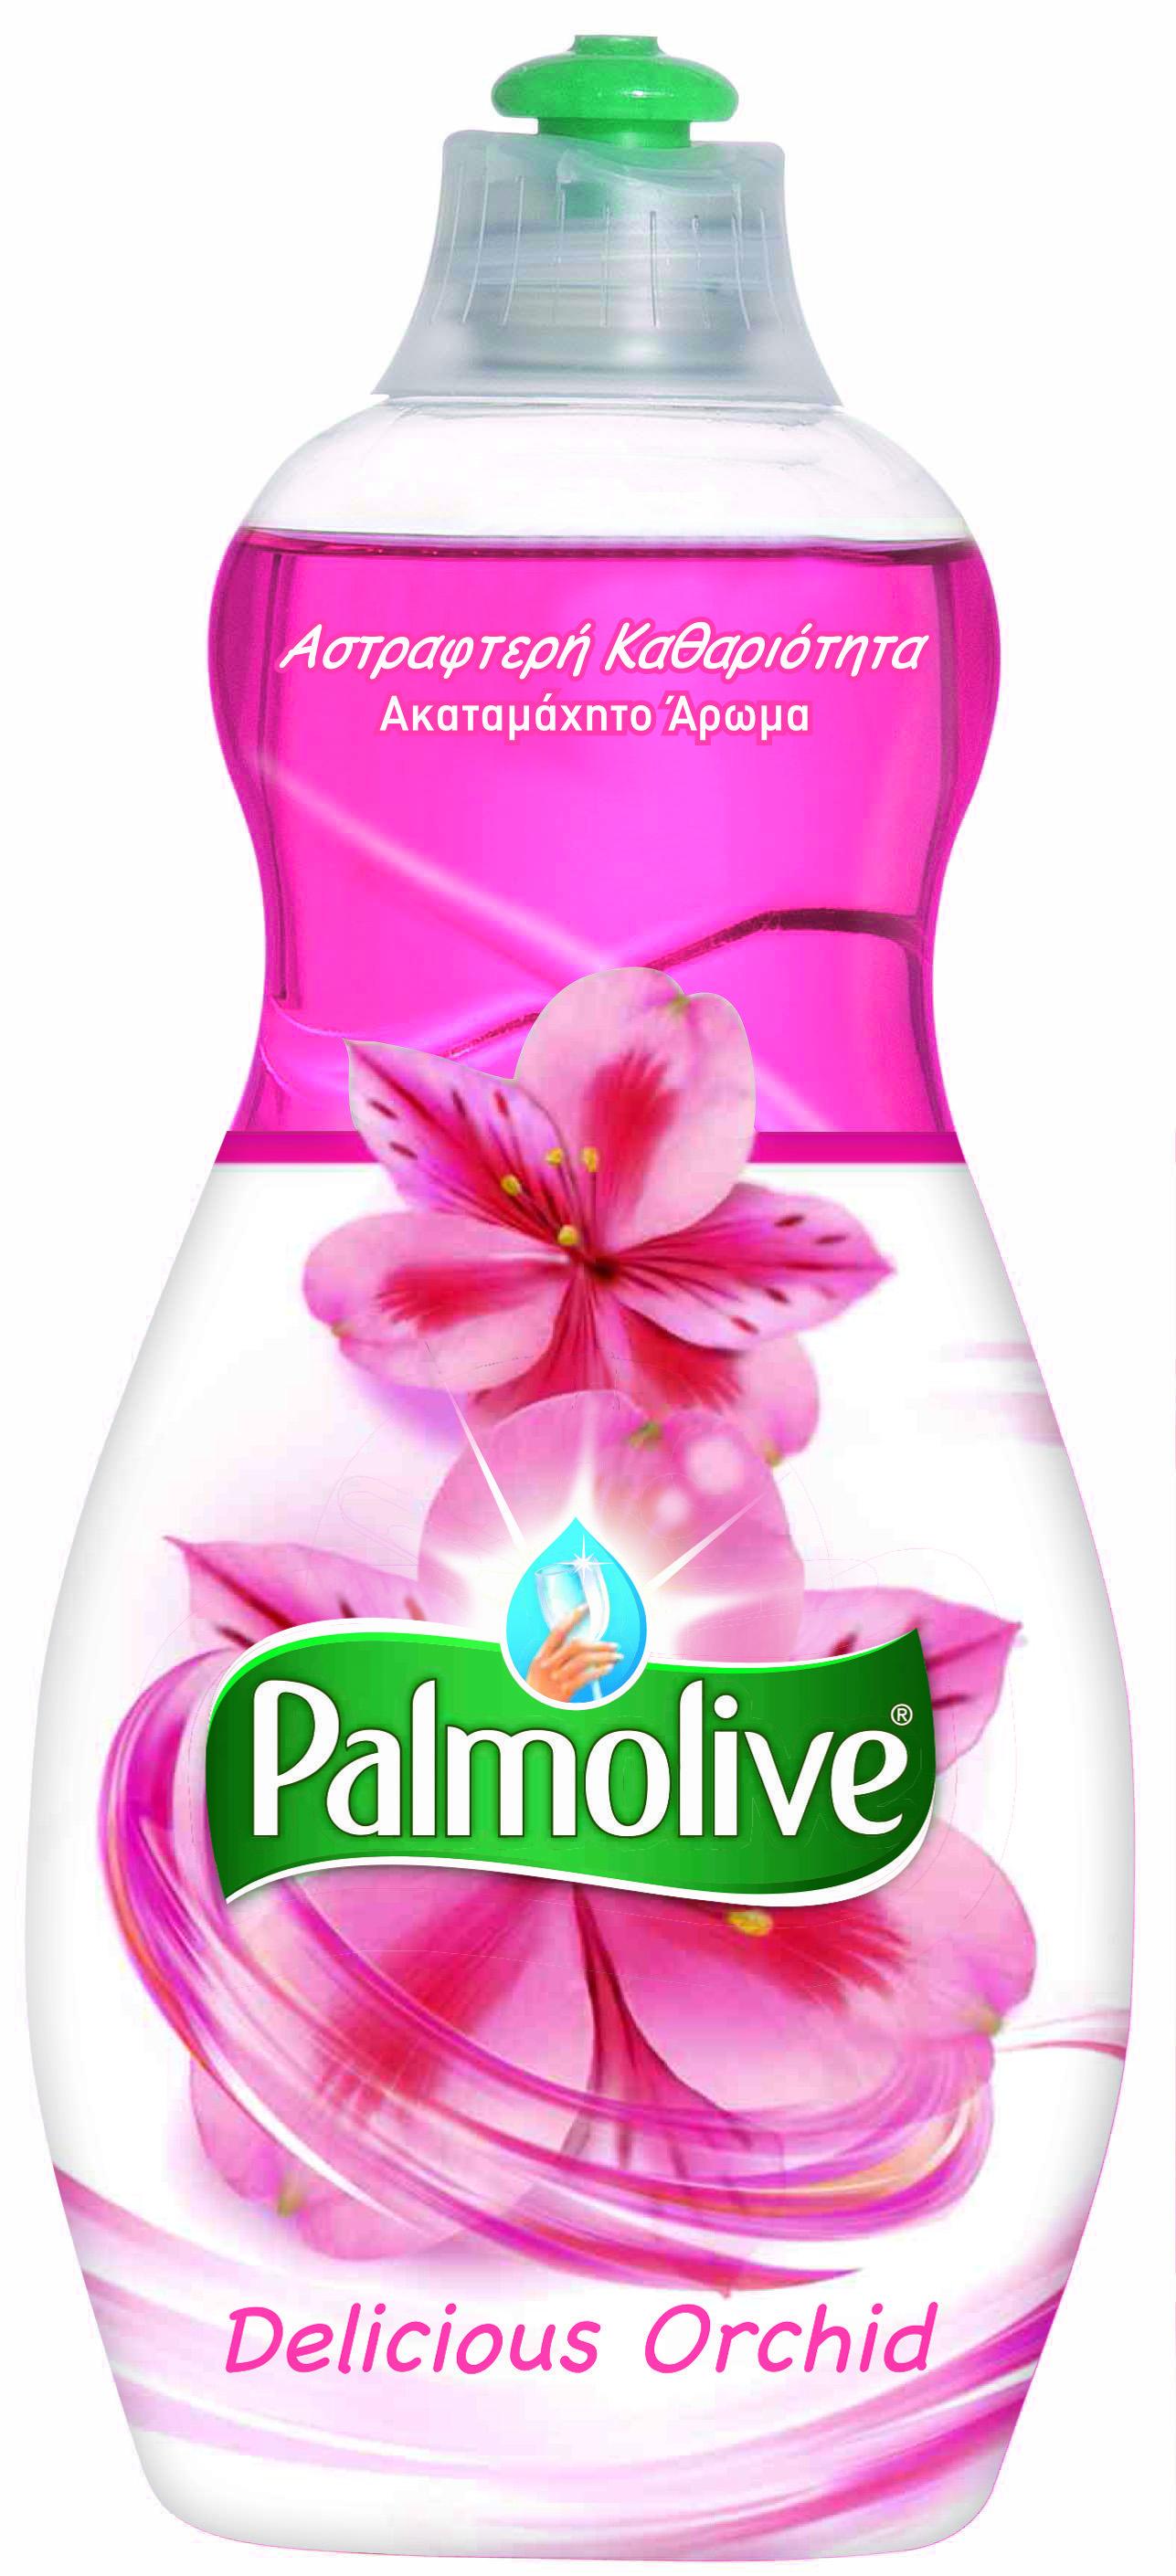 Υγρό Πιάτων Delicious Orchid Palmolive (500ml)